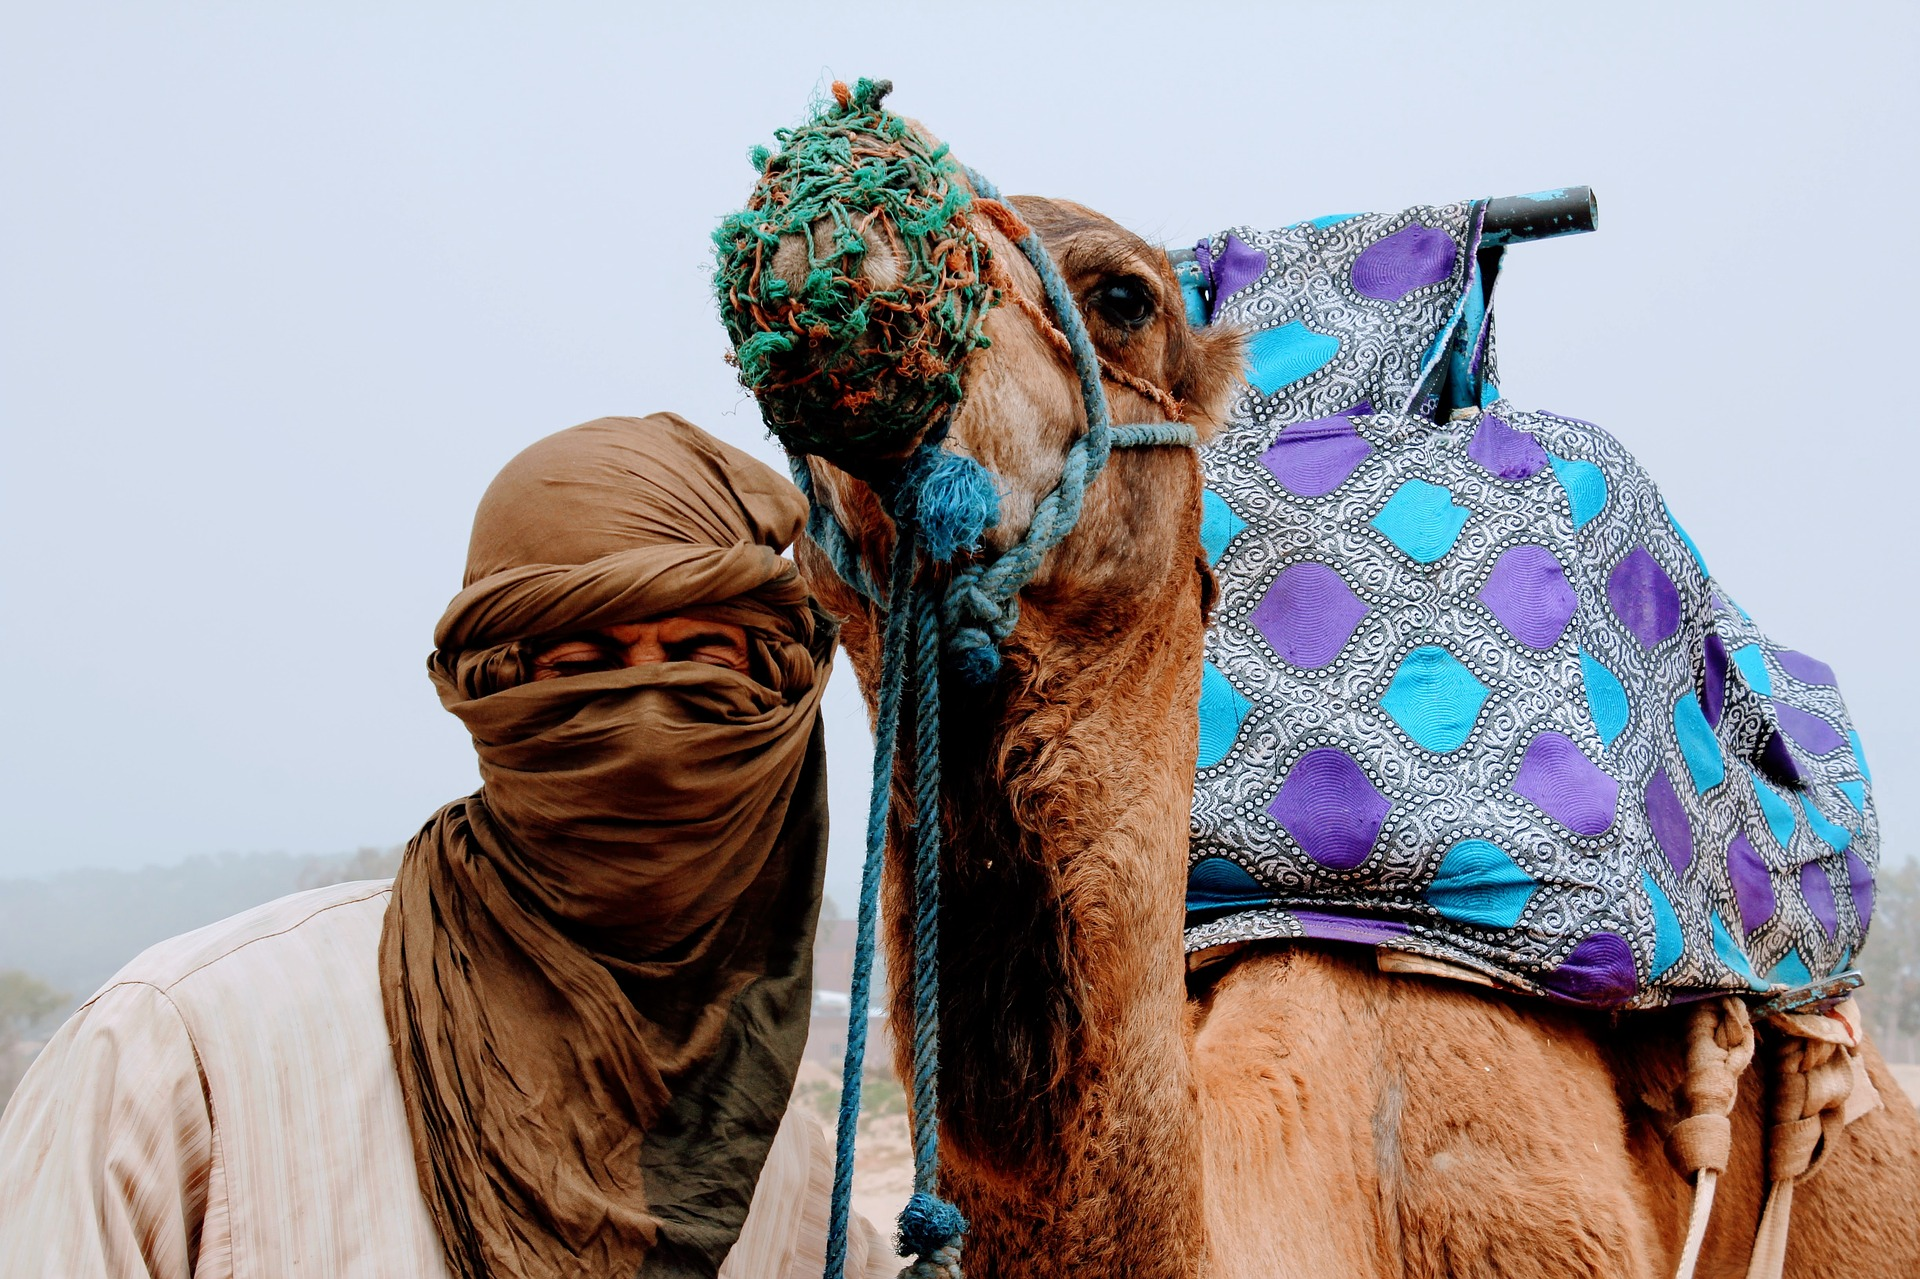 Uncios Mulheres De Marrocos Porto-4173